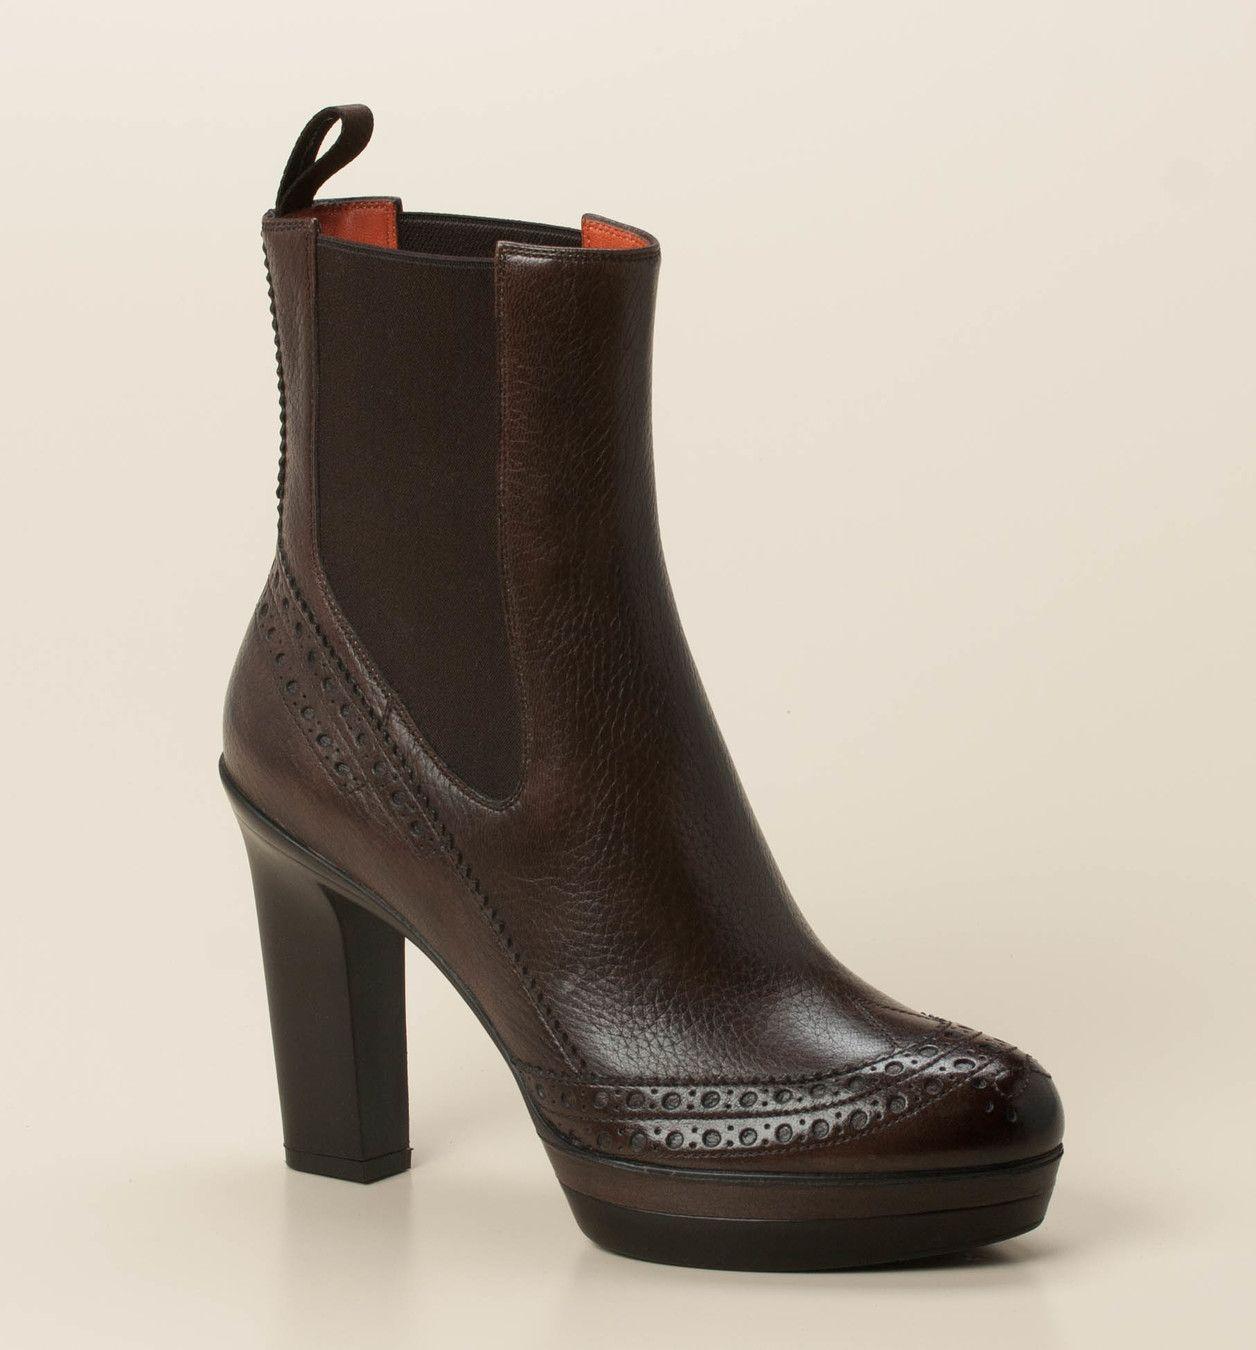 Santoni Damen Stiefelette in dunkelbraun kaufen   Schuhe